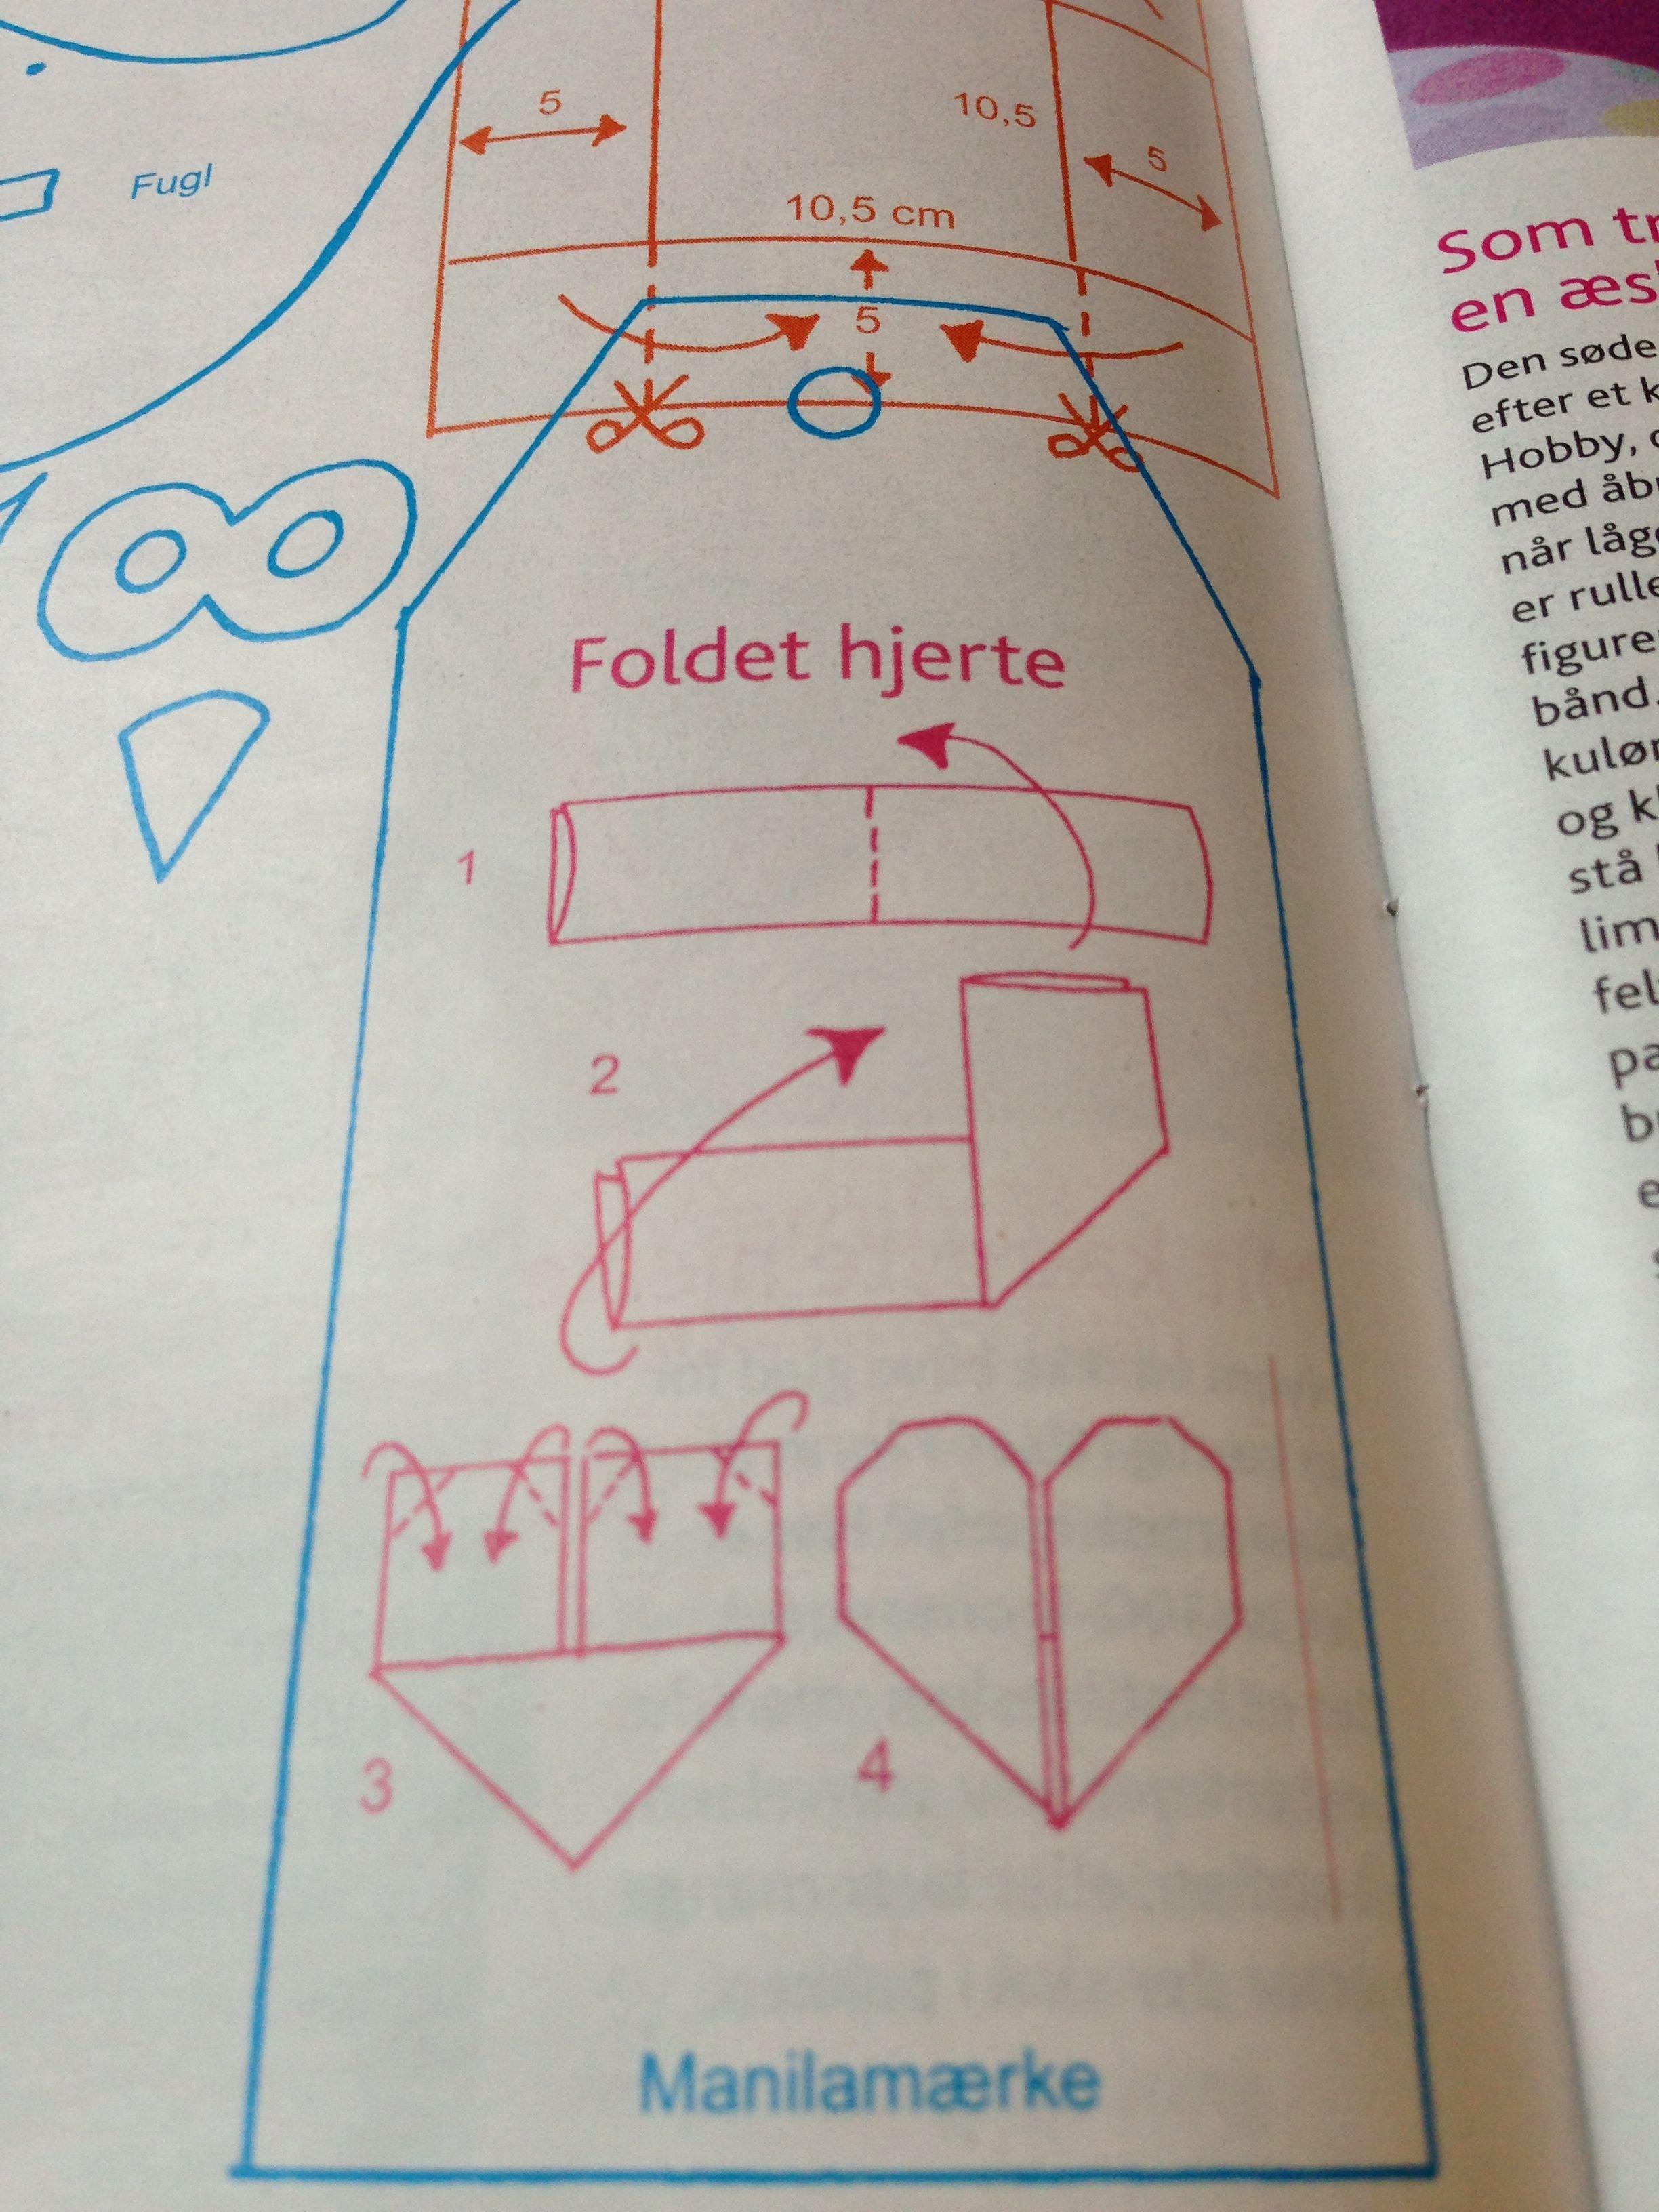 Foldet hjerter